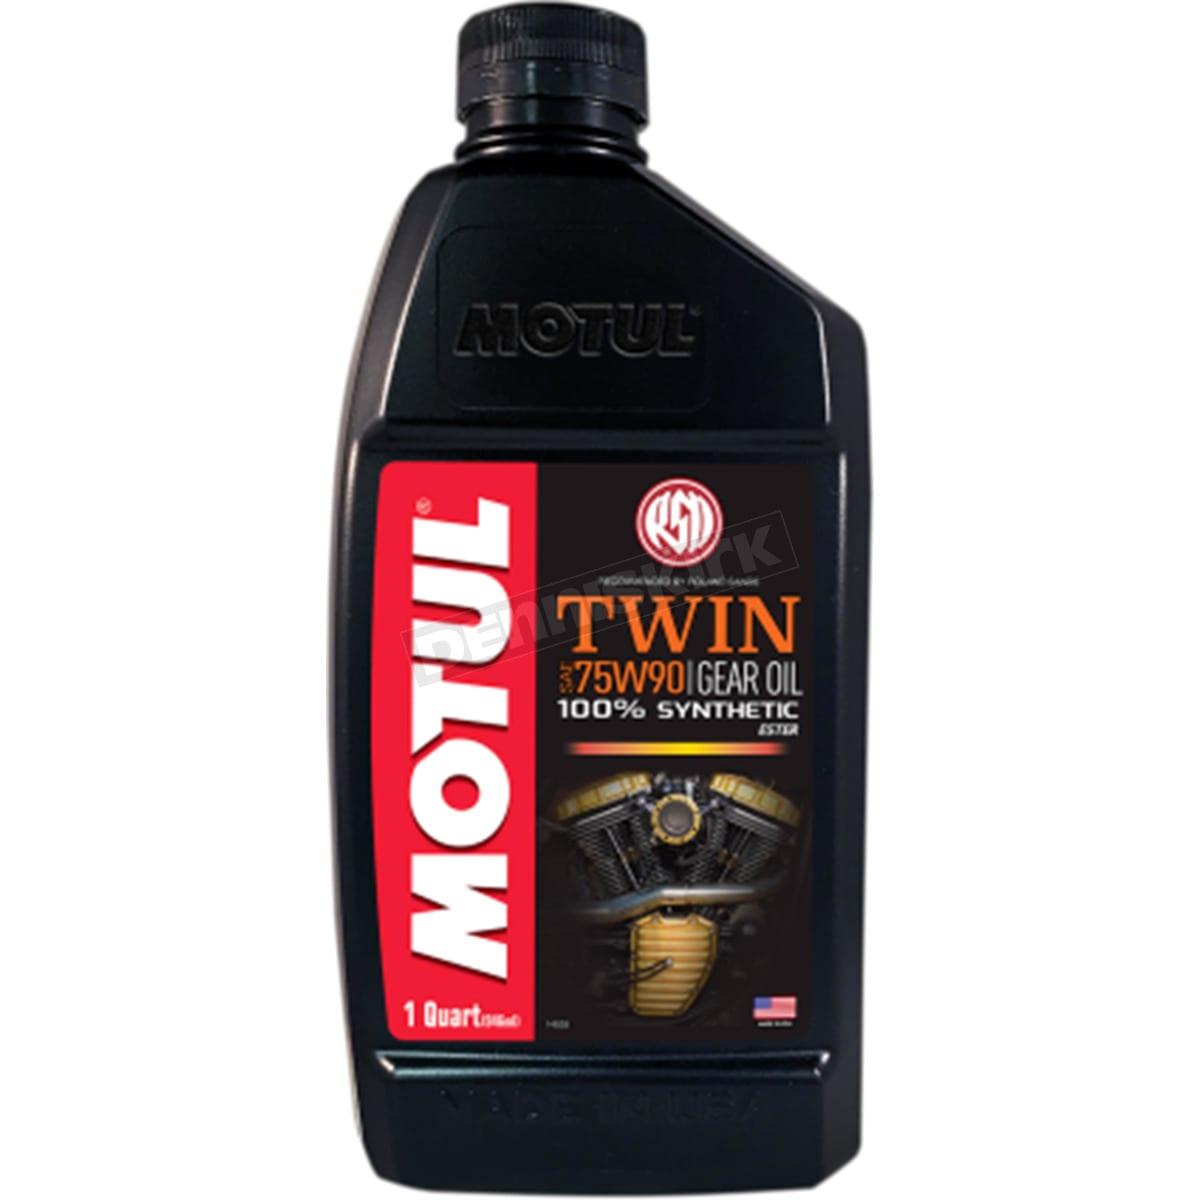 Motul Synthetic Twin Gear Oil 75W90 | 1QT